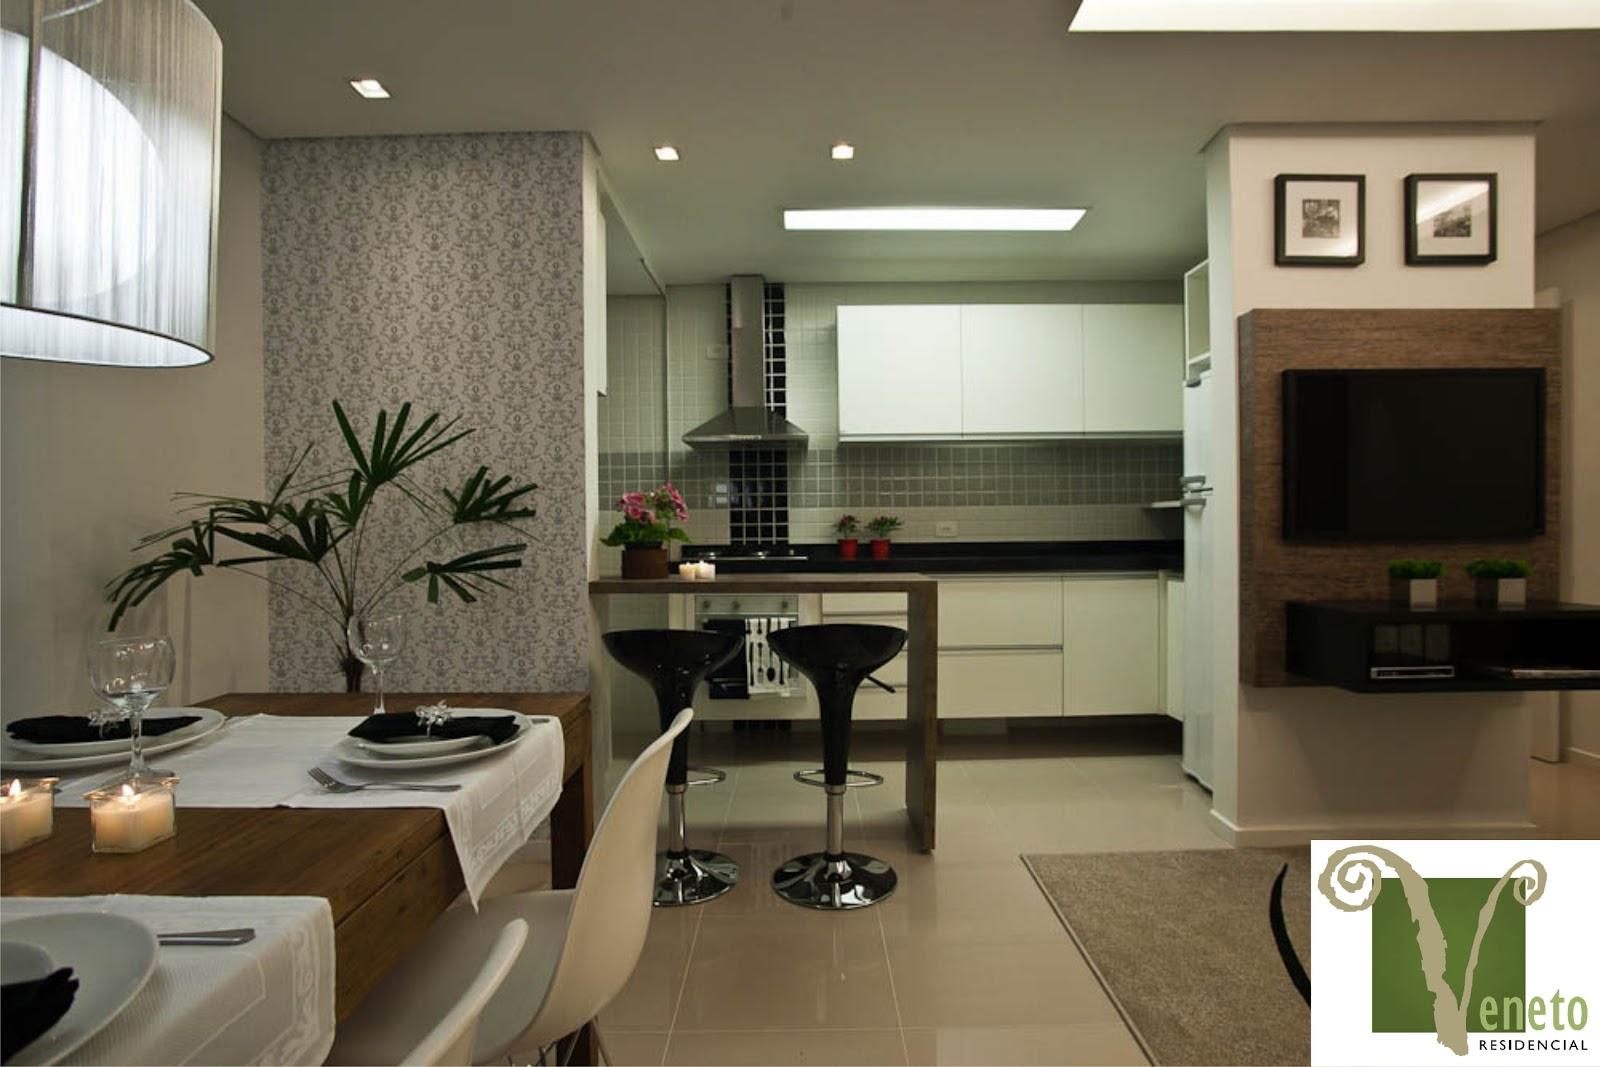 KIDS Arquitetura para Pequenos: Apartamento Decorado #50612D 1600 1067